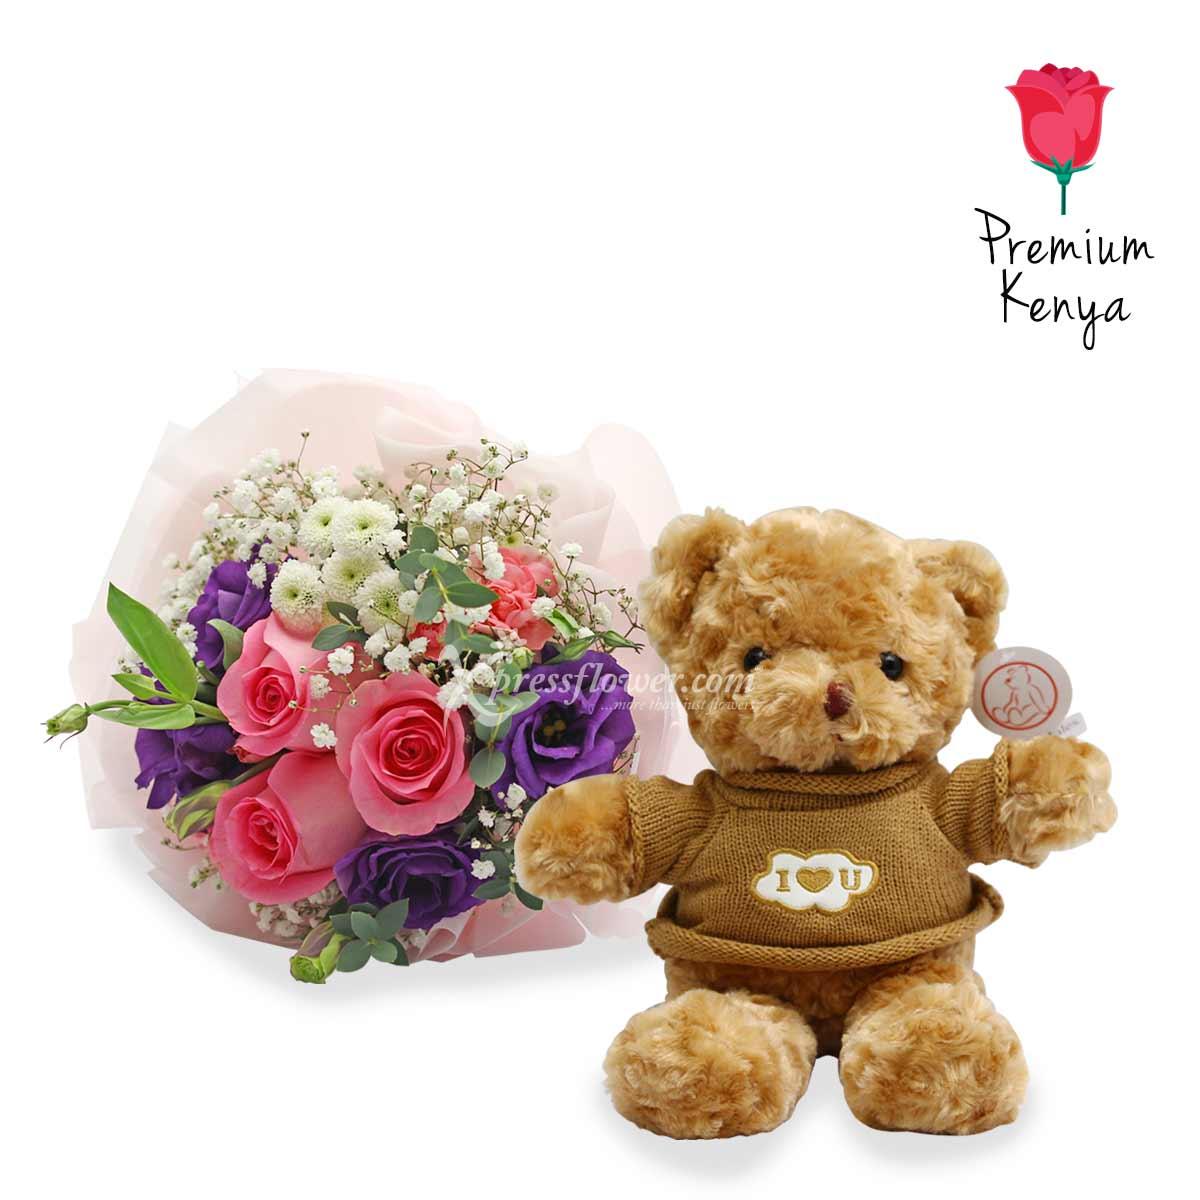 VDFG2072 Hug Me Baby Flower and Gift